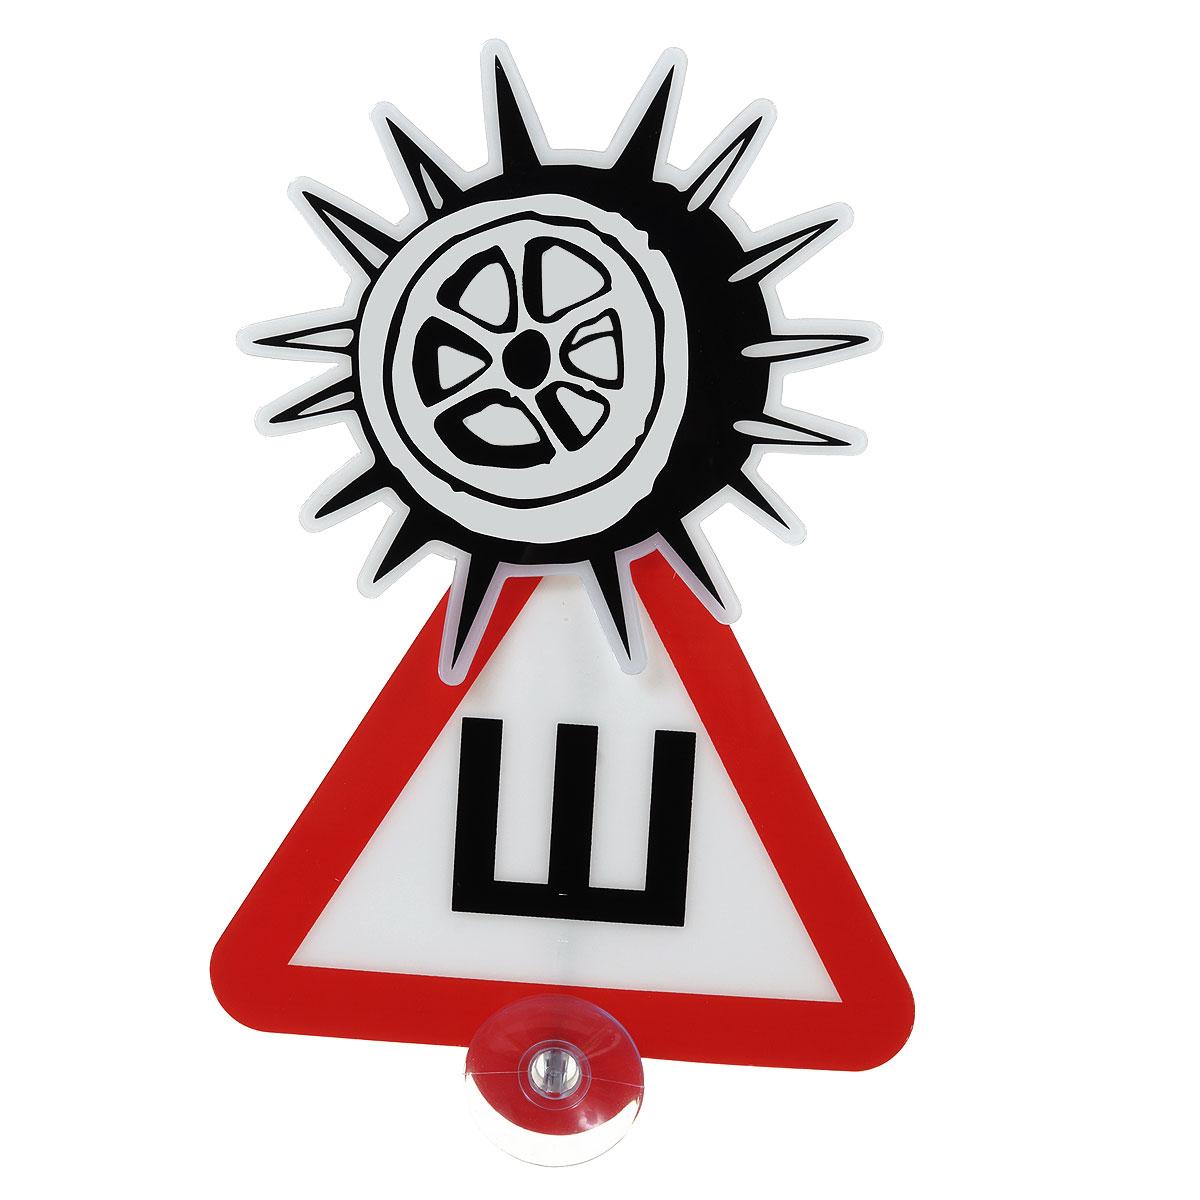 Табличка с подвижным элементом Phantom Шипованная резинаPH6034Табличка на присоске Phantom Шипованная резина предназначена для привлечения внимания к предупреждающему знаку. Движущийся элемент на табличке раскачивается во время движения, привлекая к себе внимание. Табличку можно располагать как на заднем, так и на боковых стеклах автомобиля. Легко переустанавливается, присоски не оставляют следов клея на стекле.